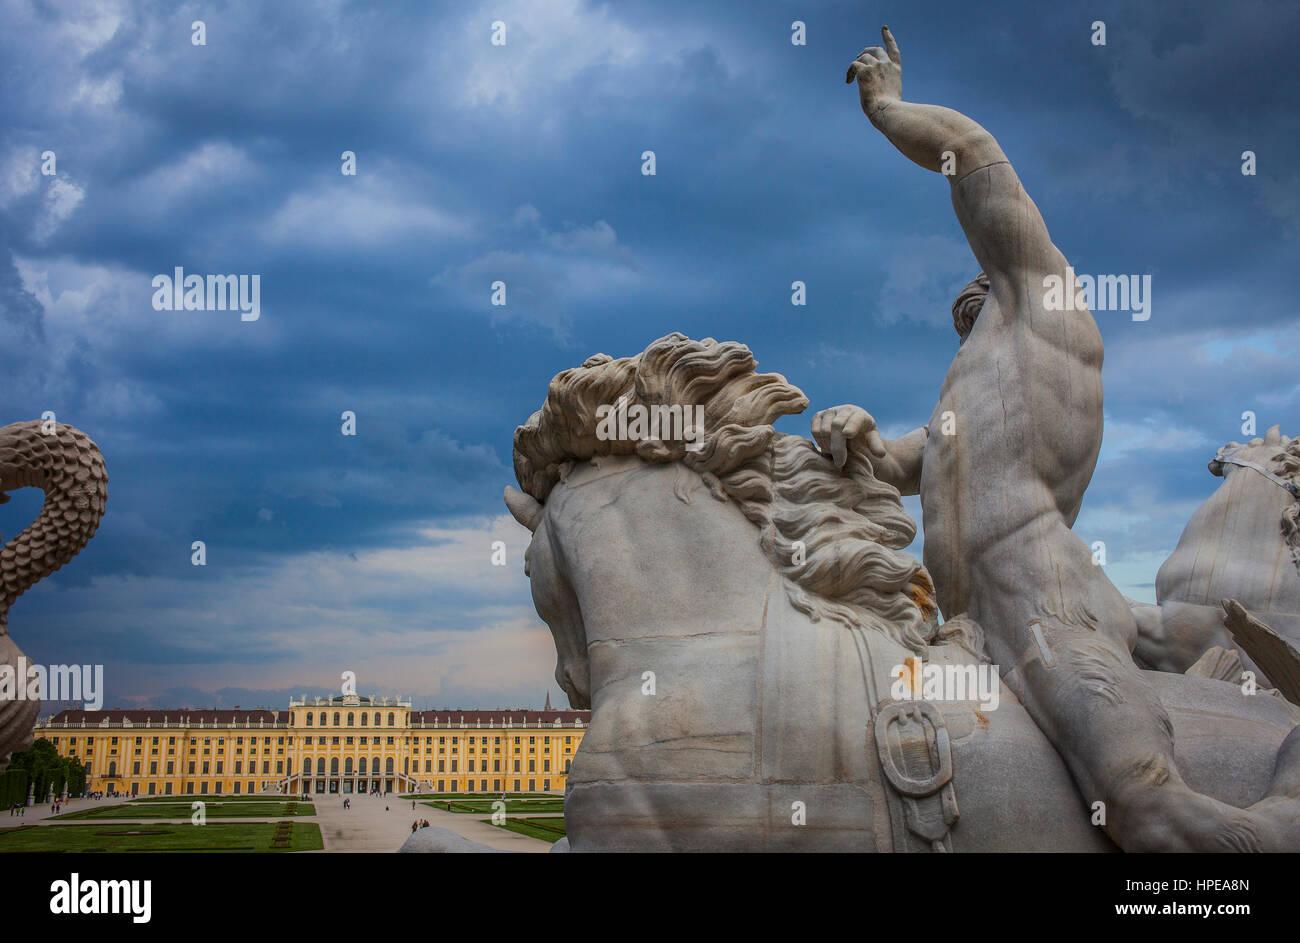 Al Palazzo e ai giardini di Schönbrunn dalla fontana di Nettuno, Vienna, Austria, Europa Immagini Stock